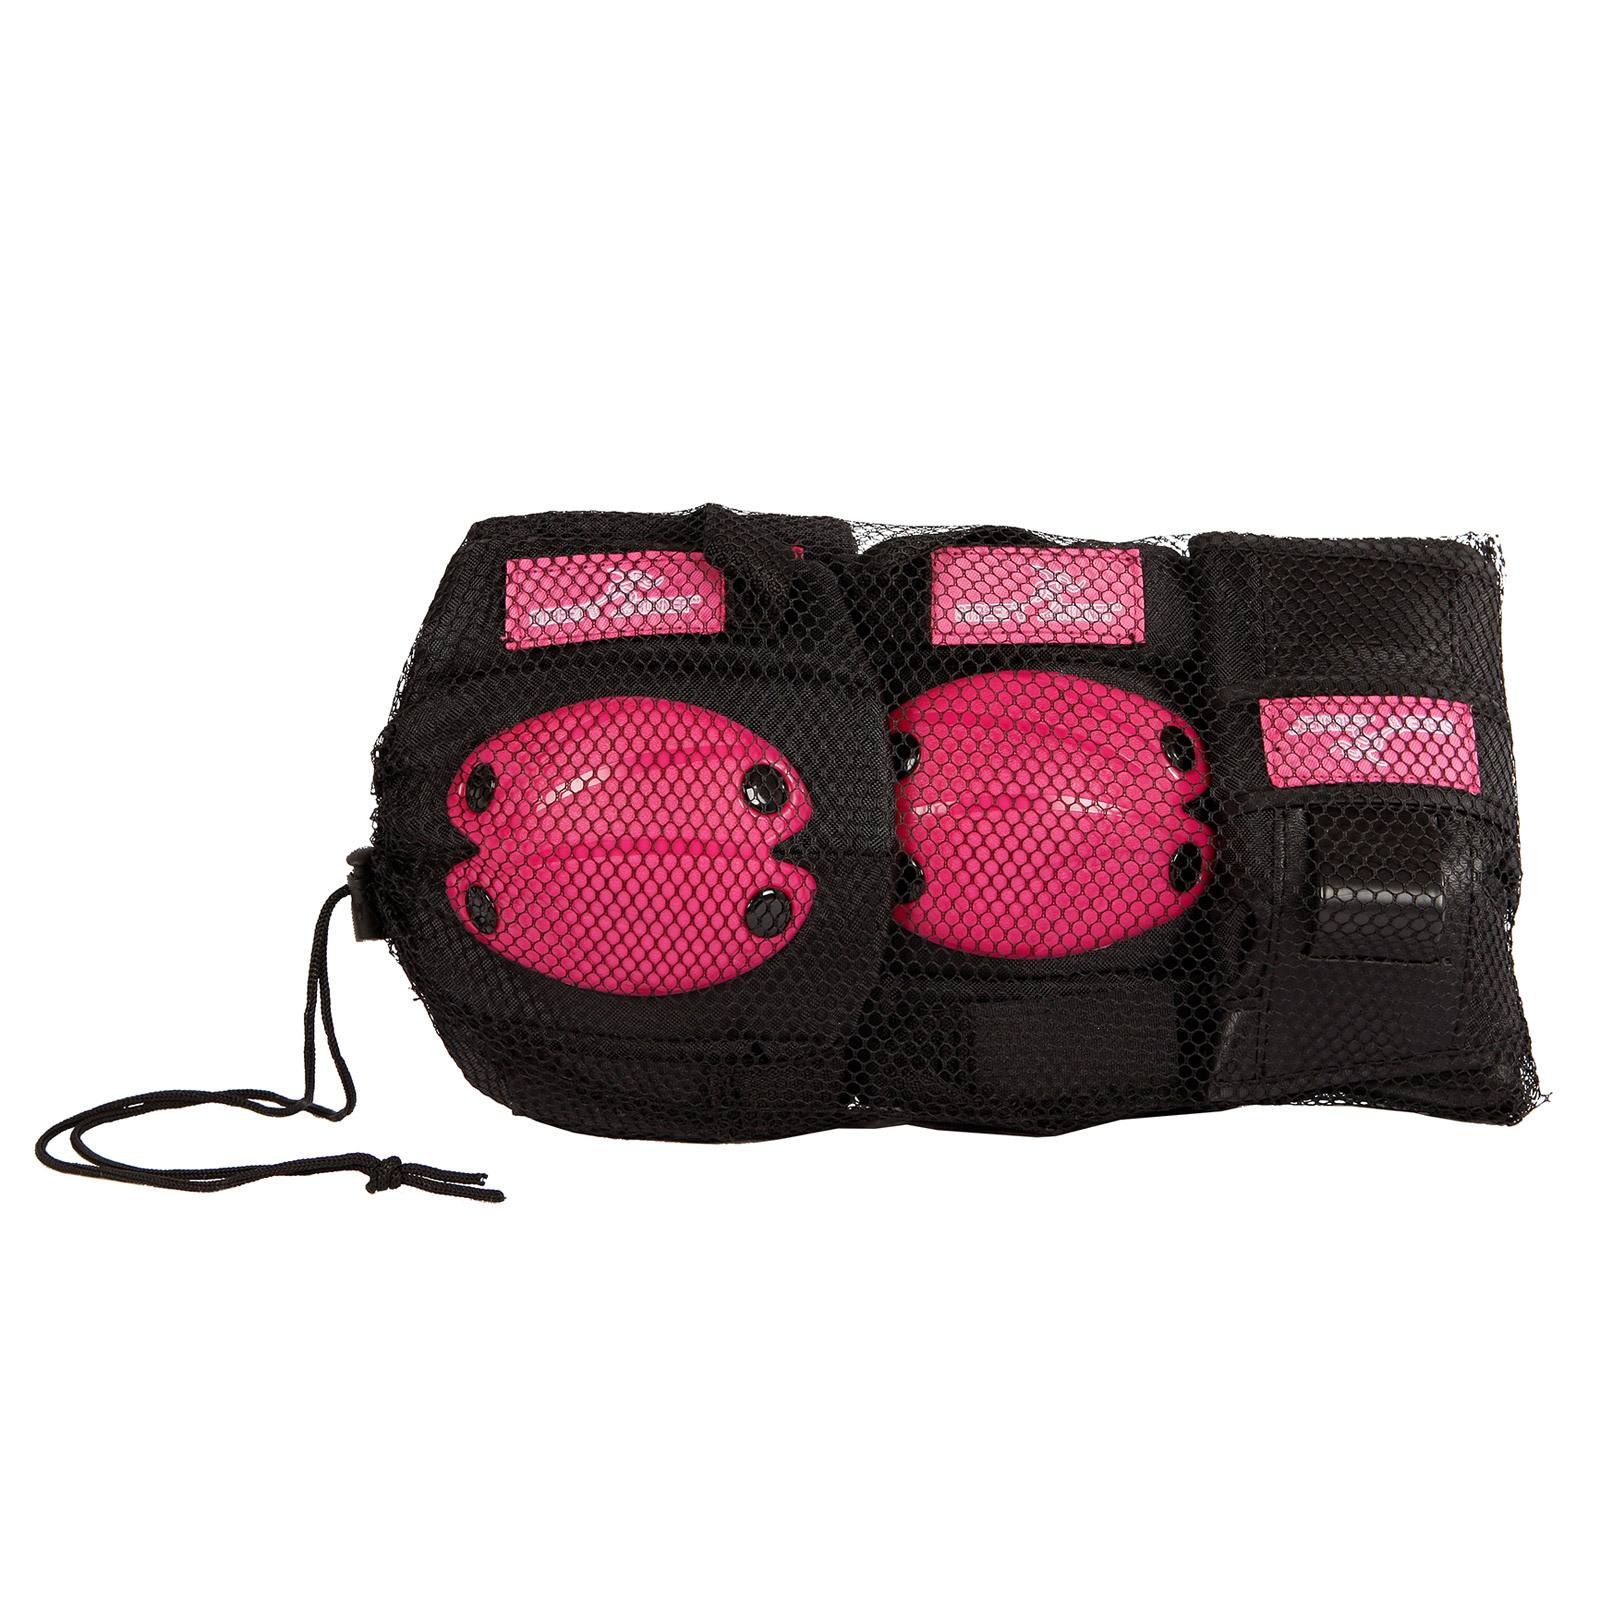 inlineskates inline skates inliner rosa grau gr 35 38. Black Bedroom Furniture Sets. Home Design Ideas